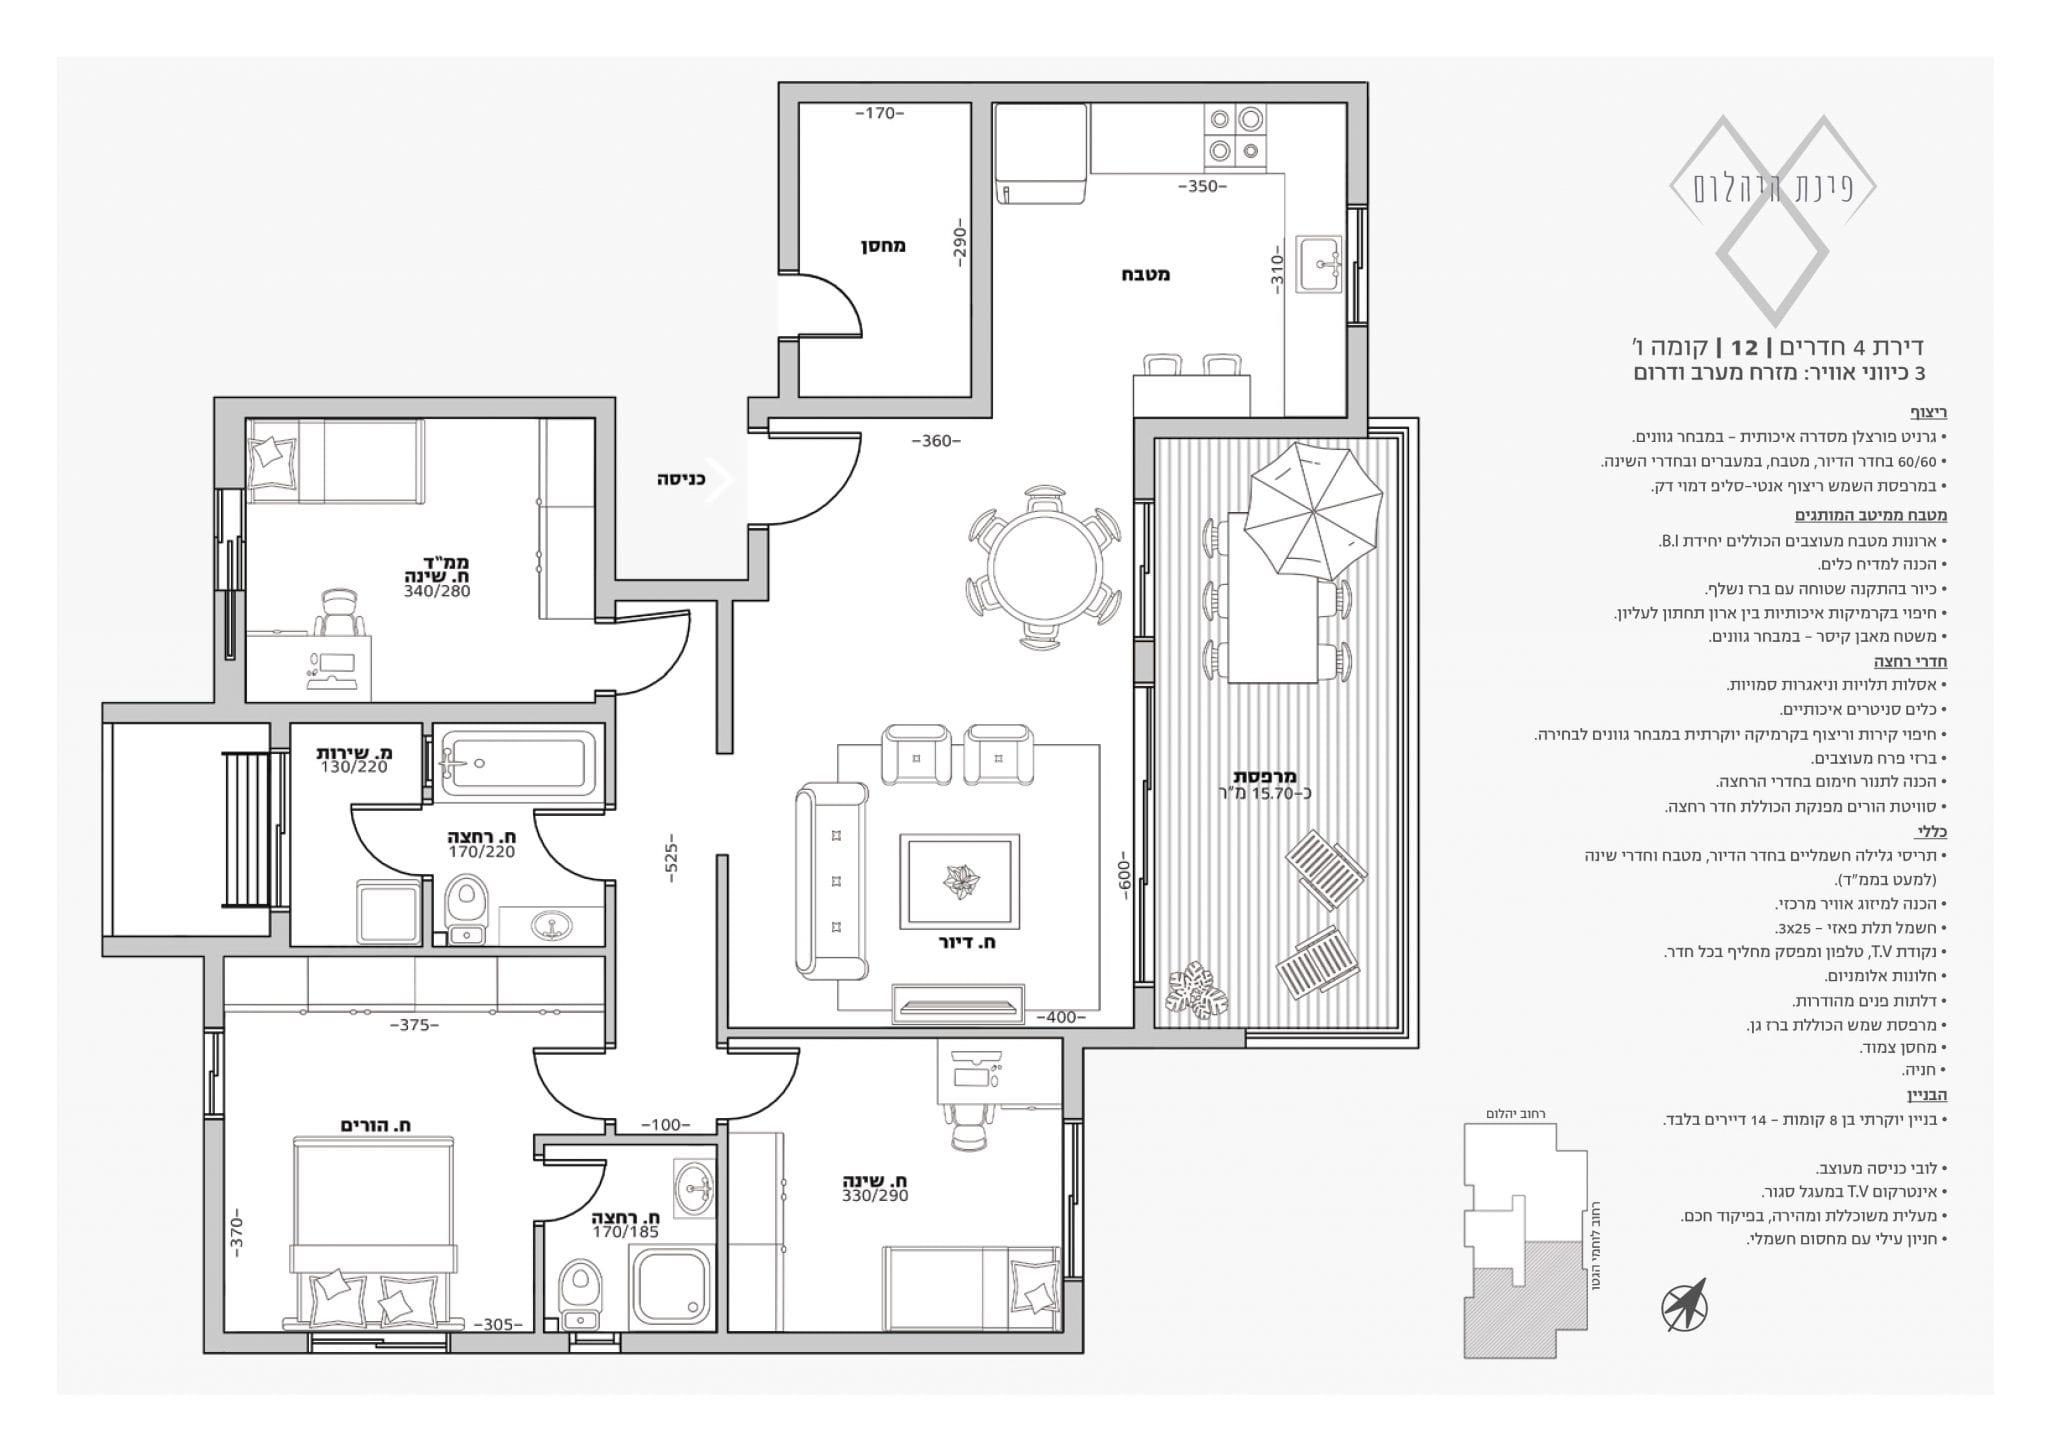 דירת 4 חדרים, מספר 12